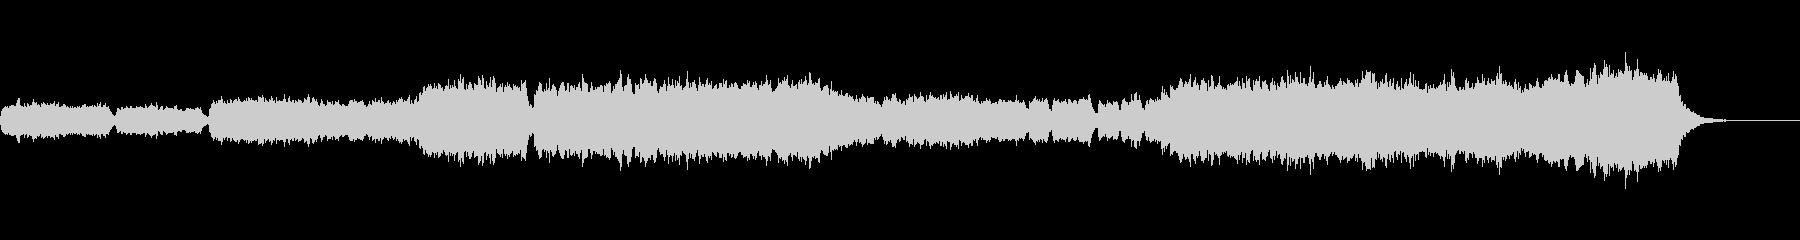 厳かな3拍子の短調パイプオルガン独奏の未再生の波形